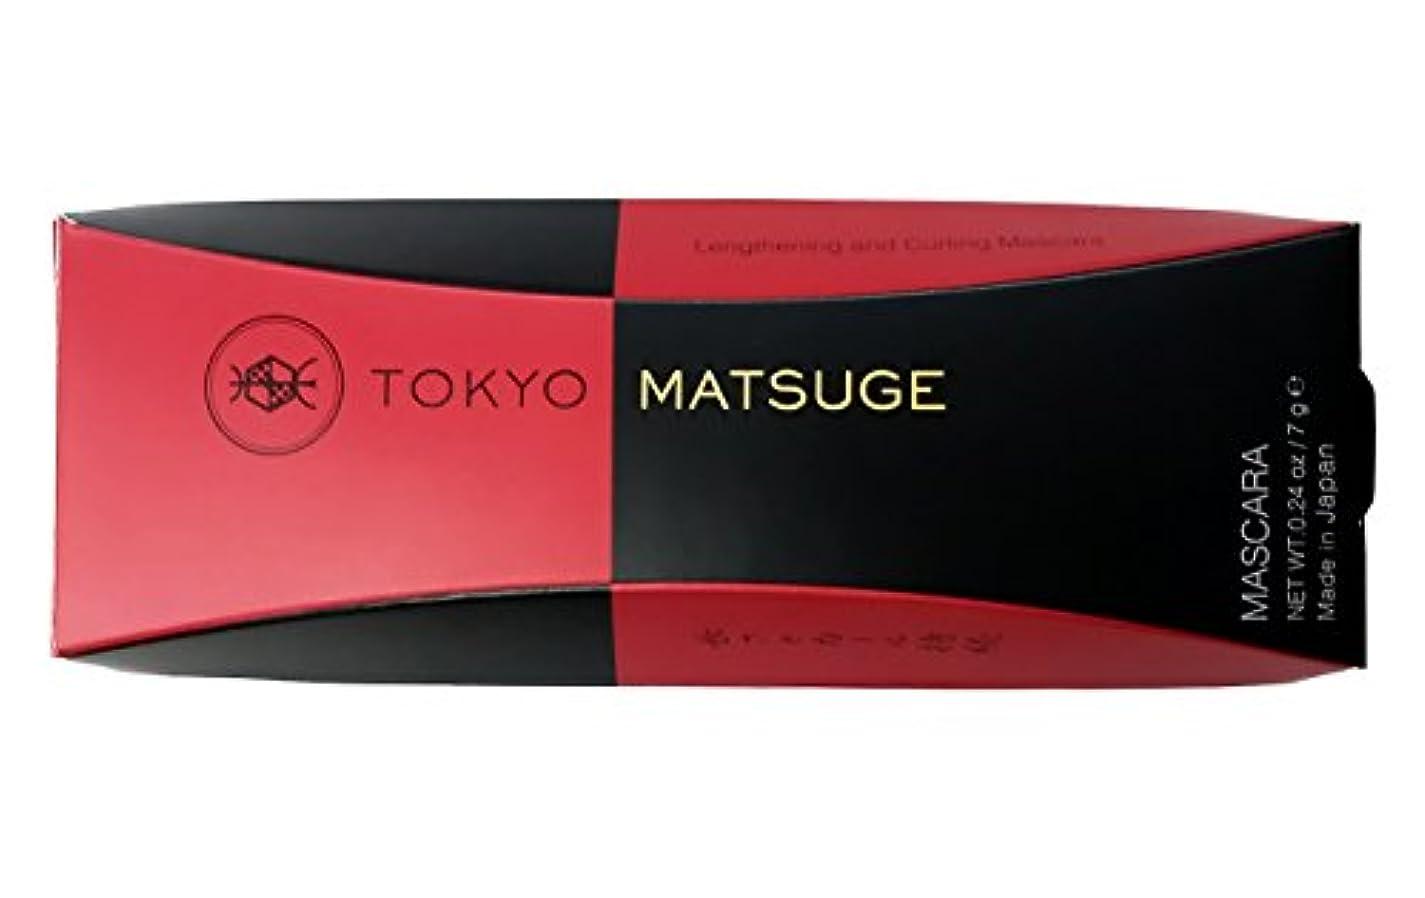 シャンパン費やす流暢東京まつげ ブラック 7g